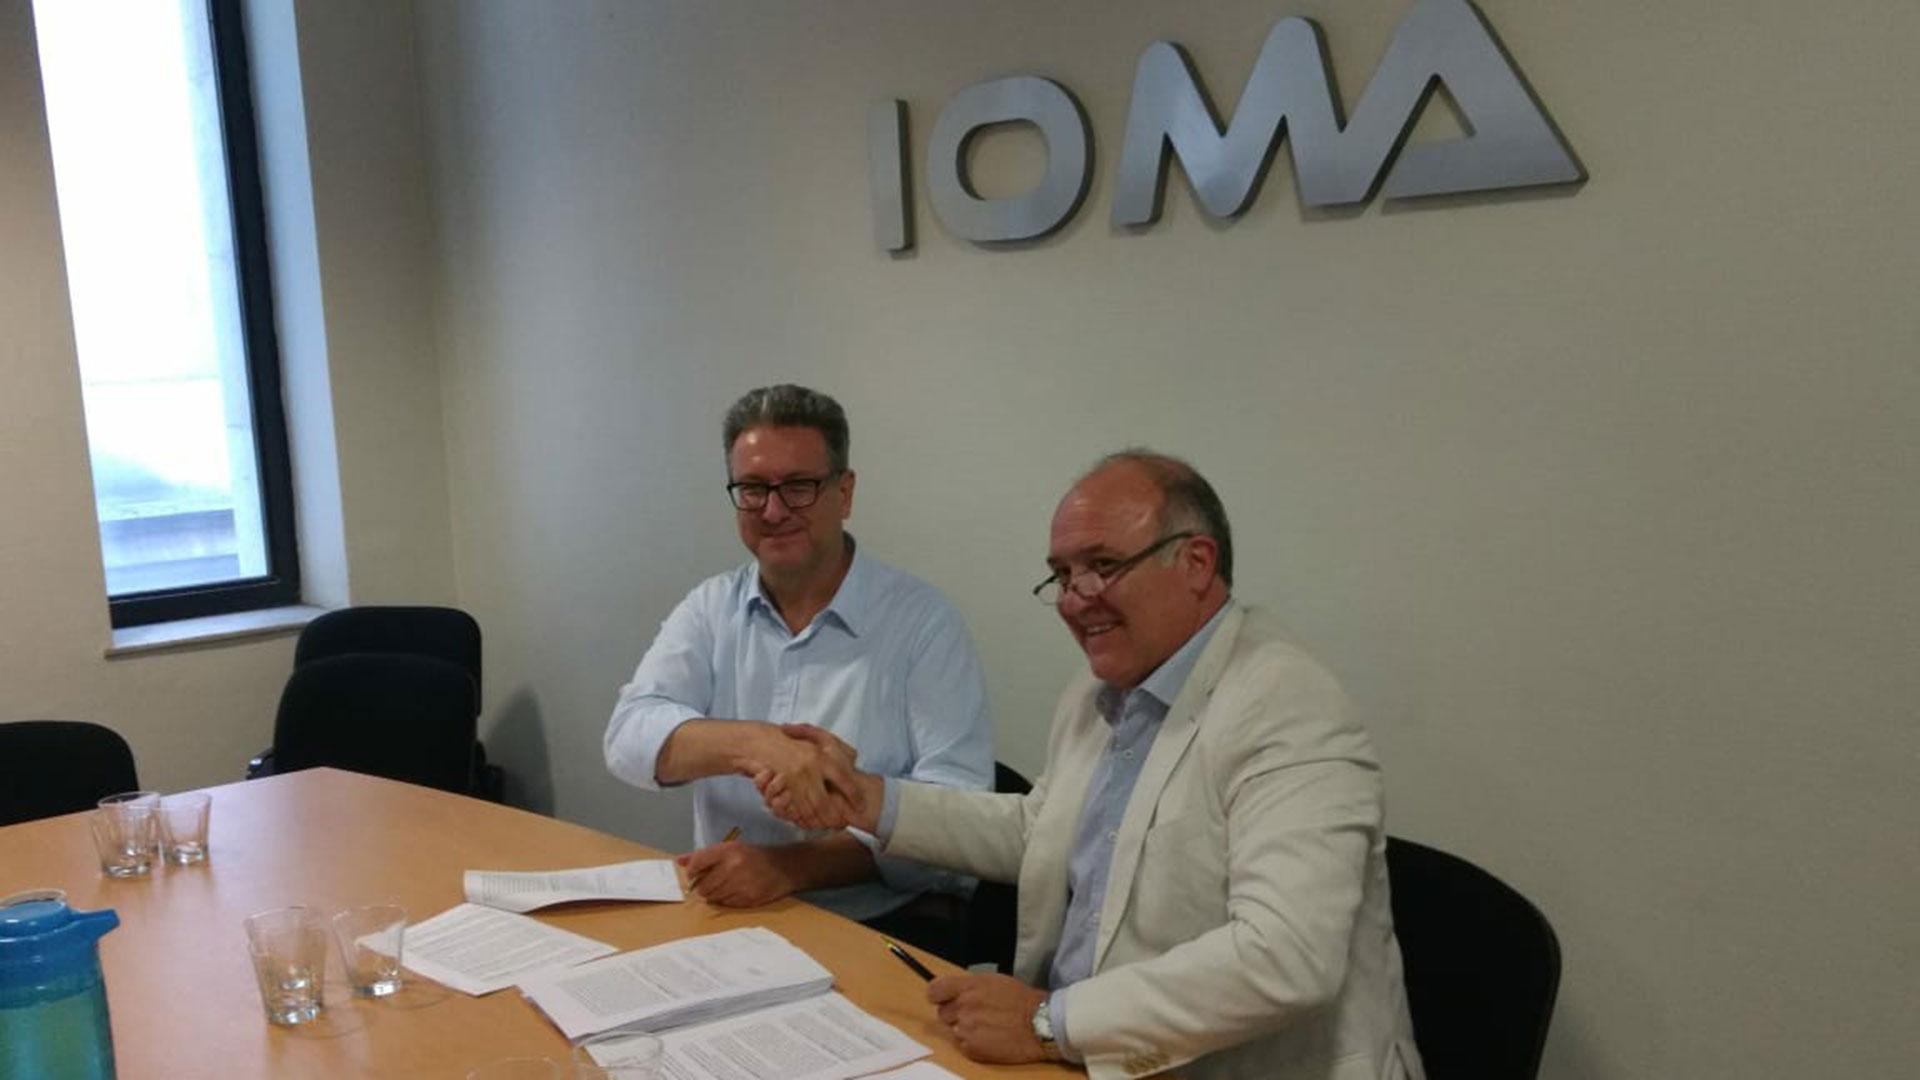 IOMA Implant Files - Pablo Di Liscia, titular de IOMA, con Gustavo Gimenez, de la Asoc Medicos Mar del Plata